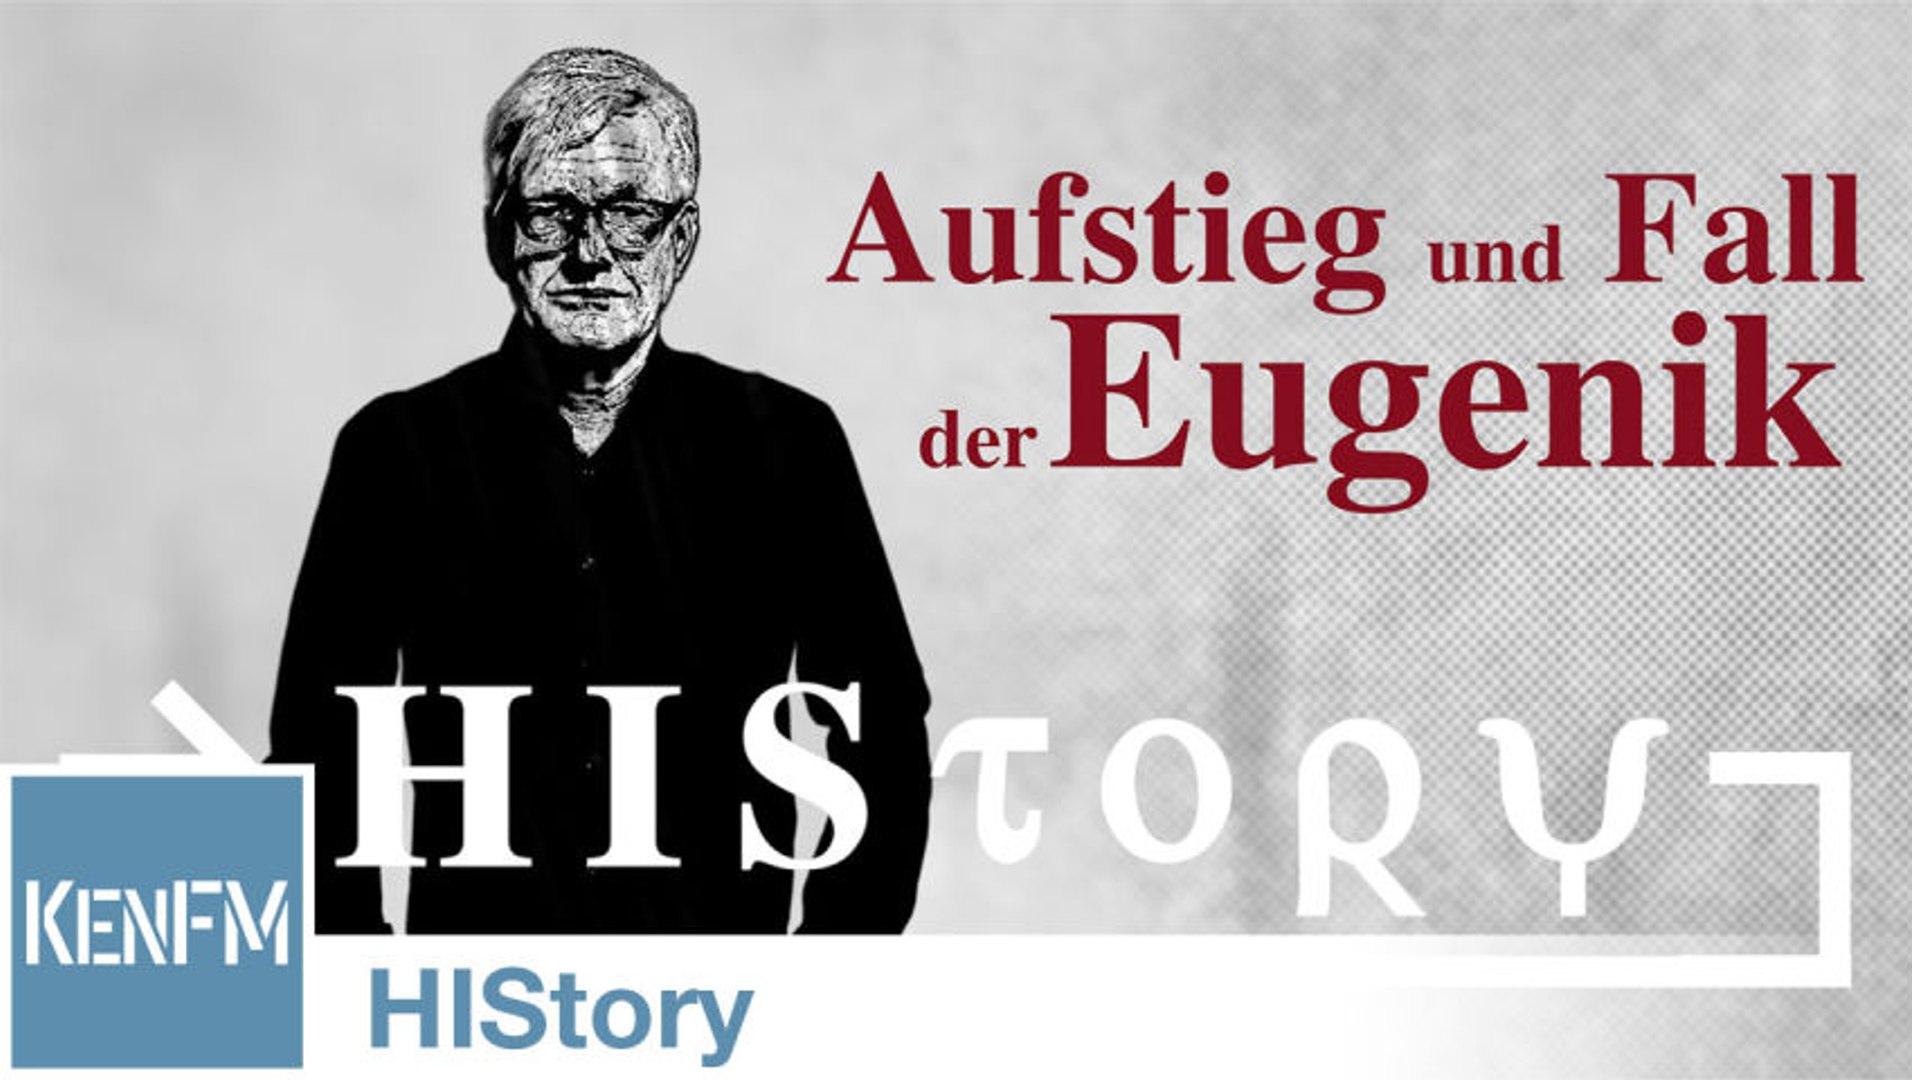 HIStory: Aufstieg und Fall der Eugenik